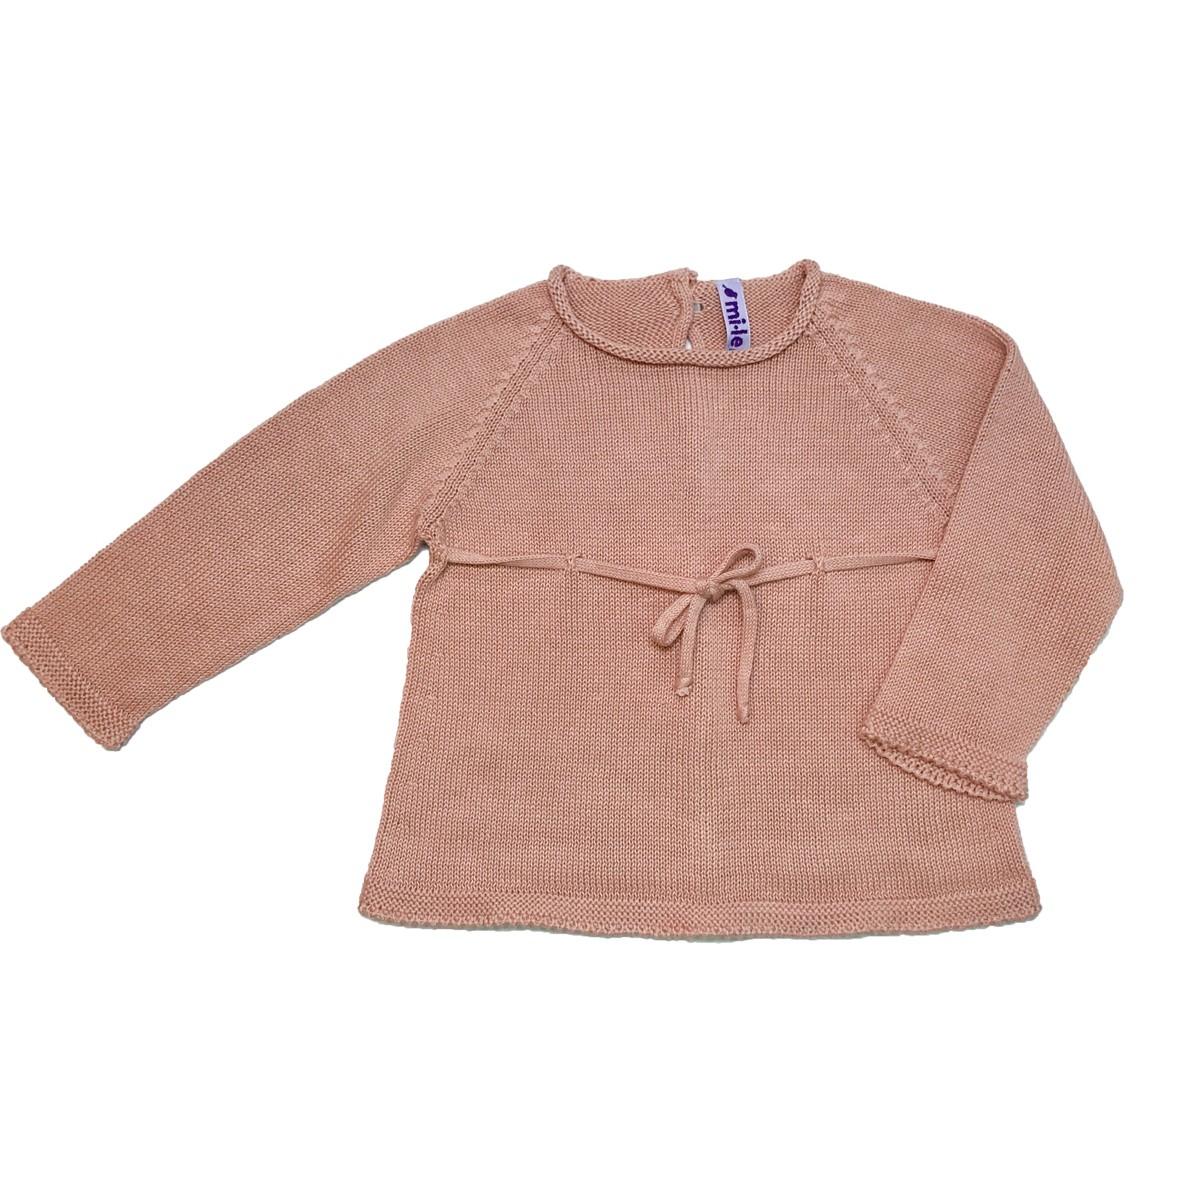 MILE BEBE  粉色針織綁帶蝴蝶結上衣